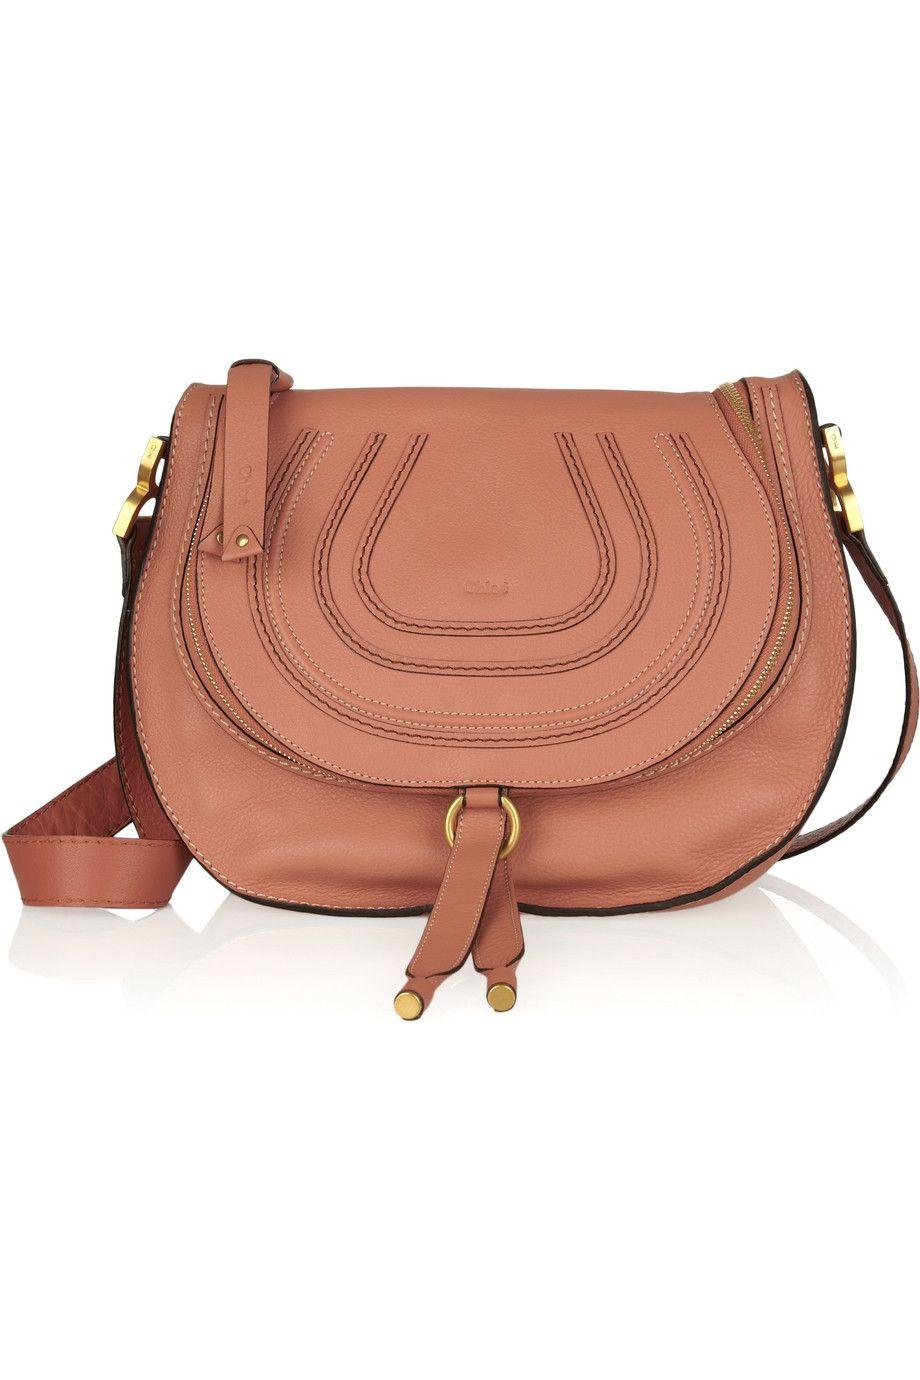 6380eab601bf2 Chloé Marcie Messenger leather shoulder bag   Lusting after ...